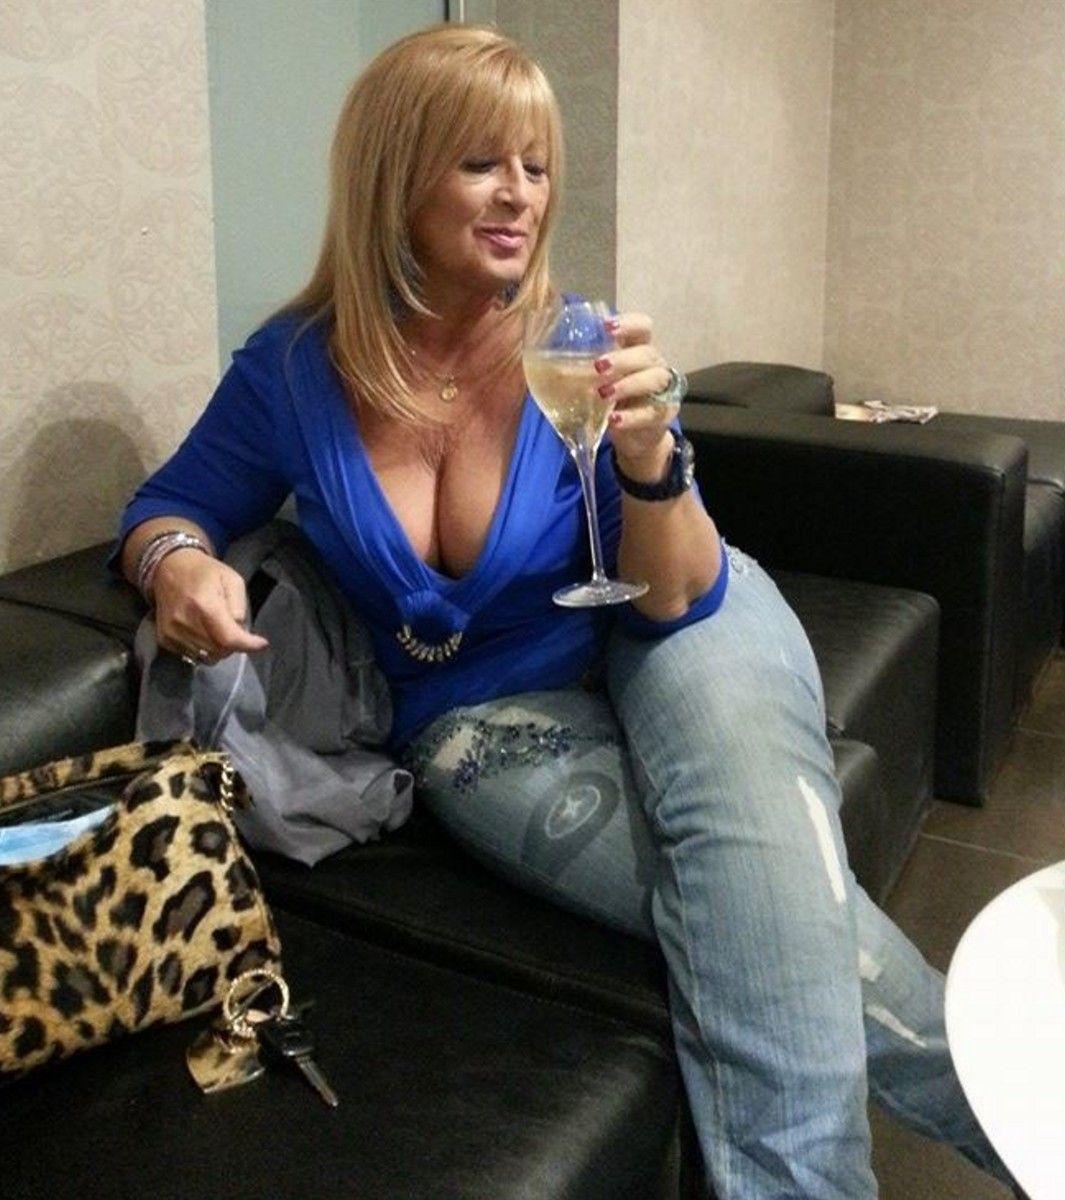 mistress real escort fuck